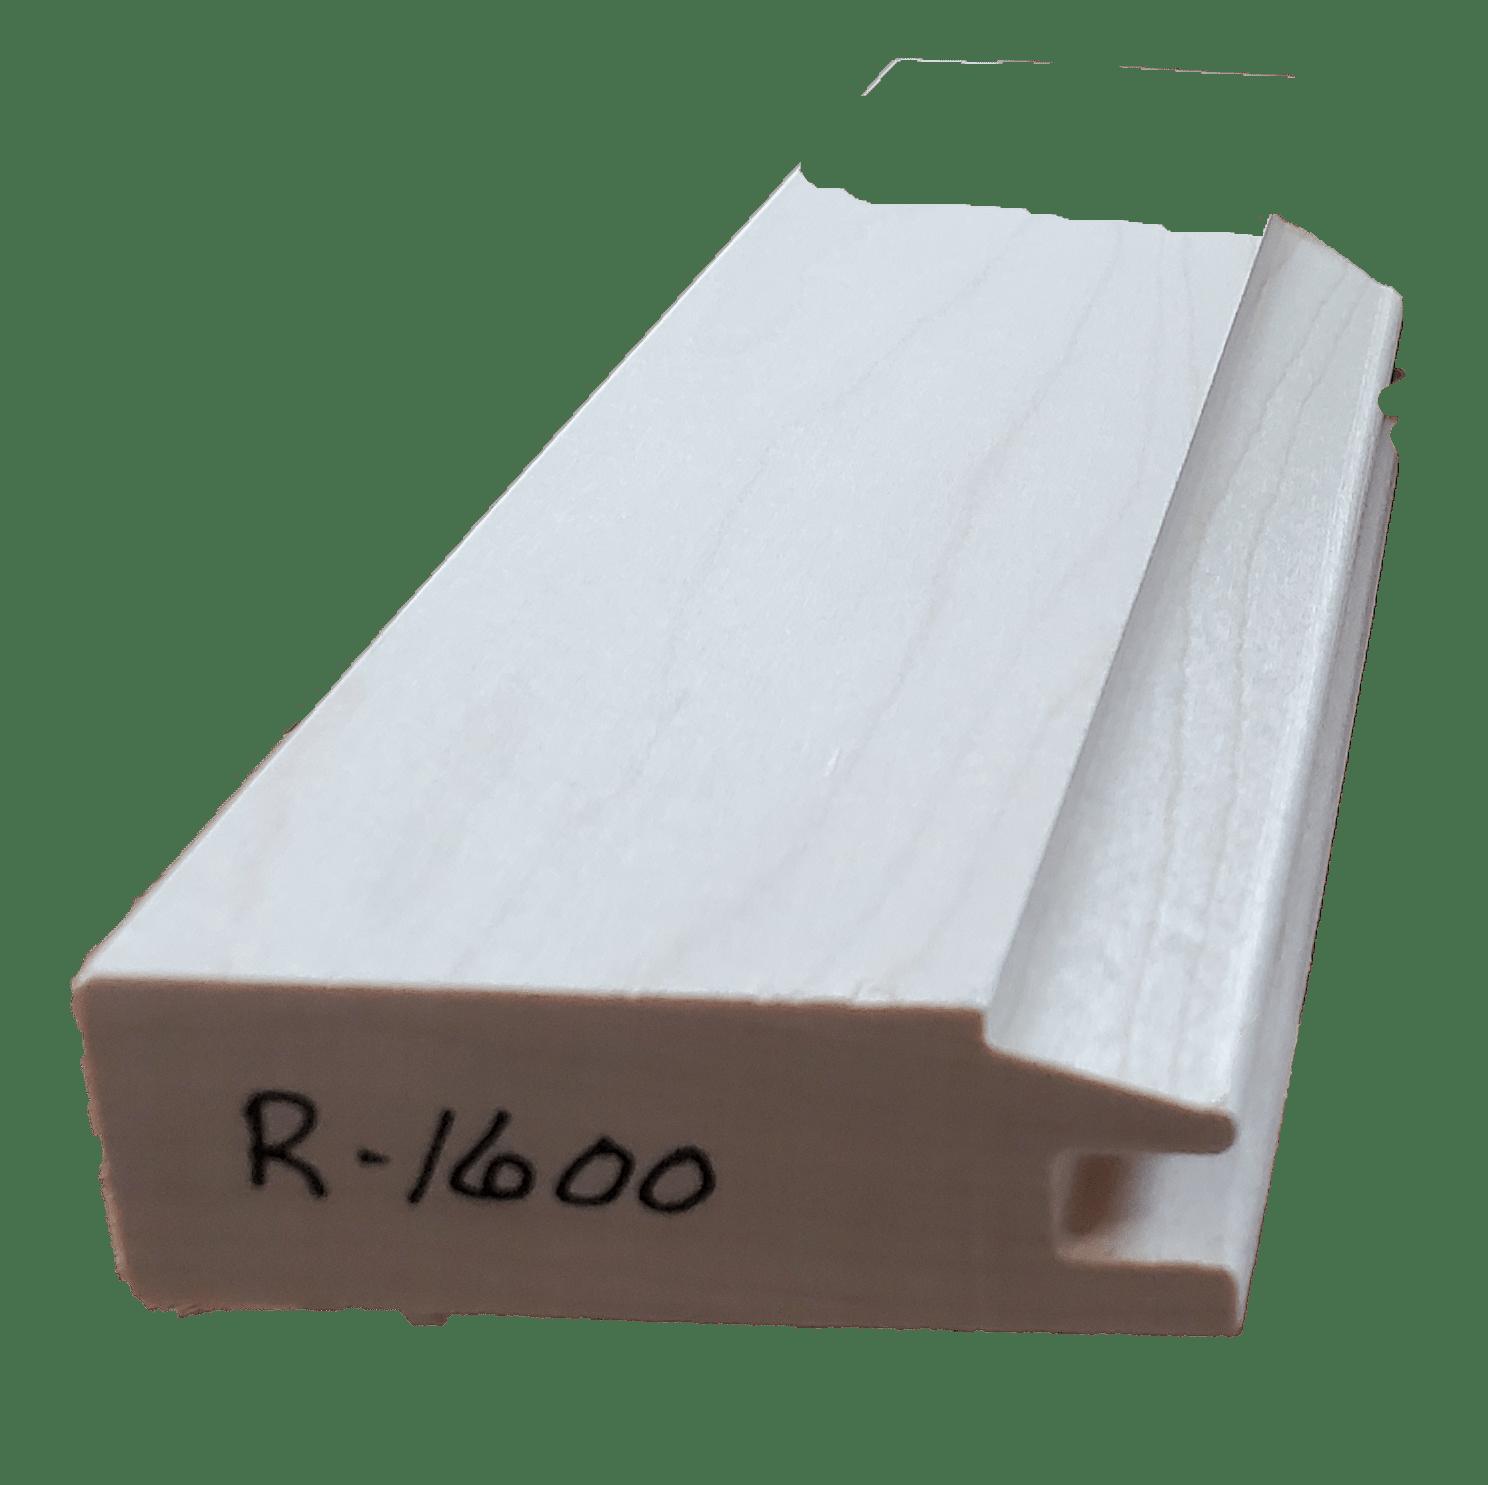 P R 1600